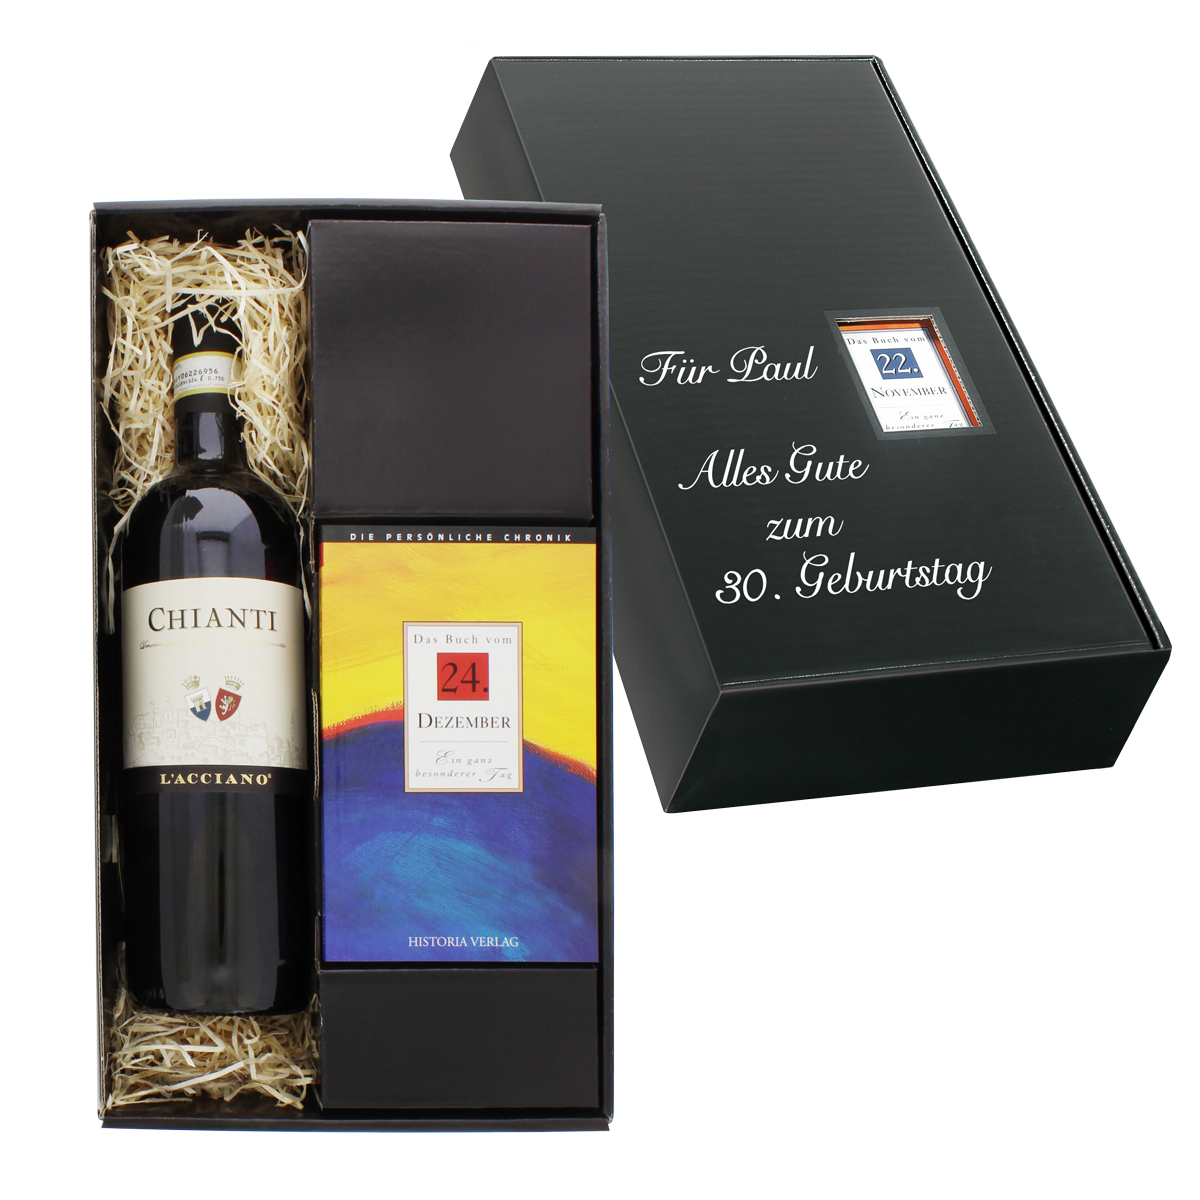 Italien-Set: Tageschronik vom 16. November & Chianti-Wein